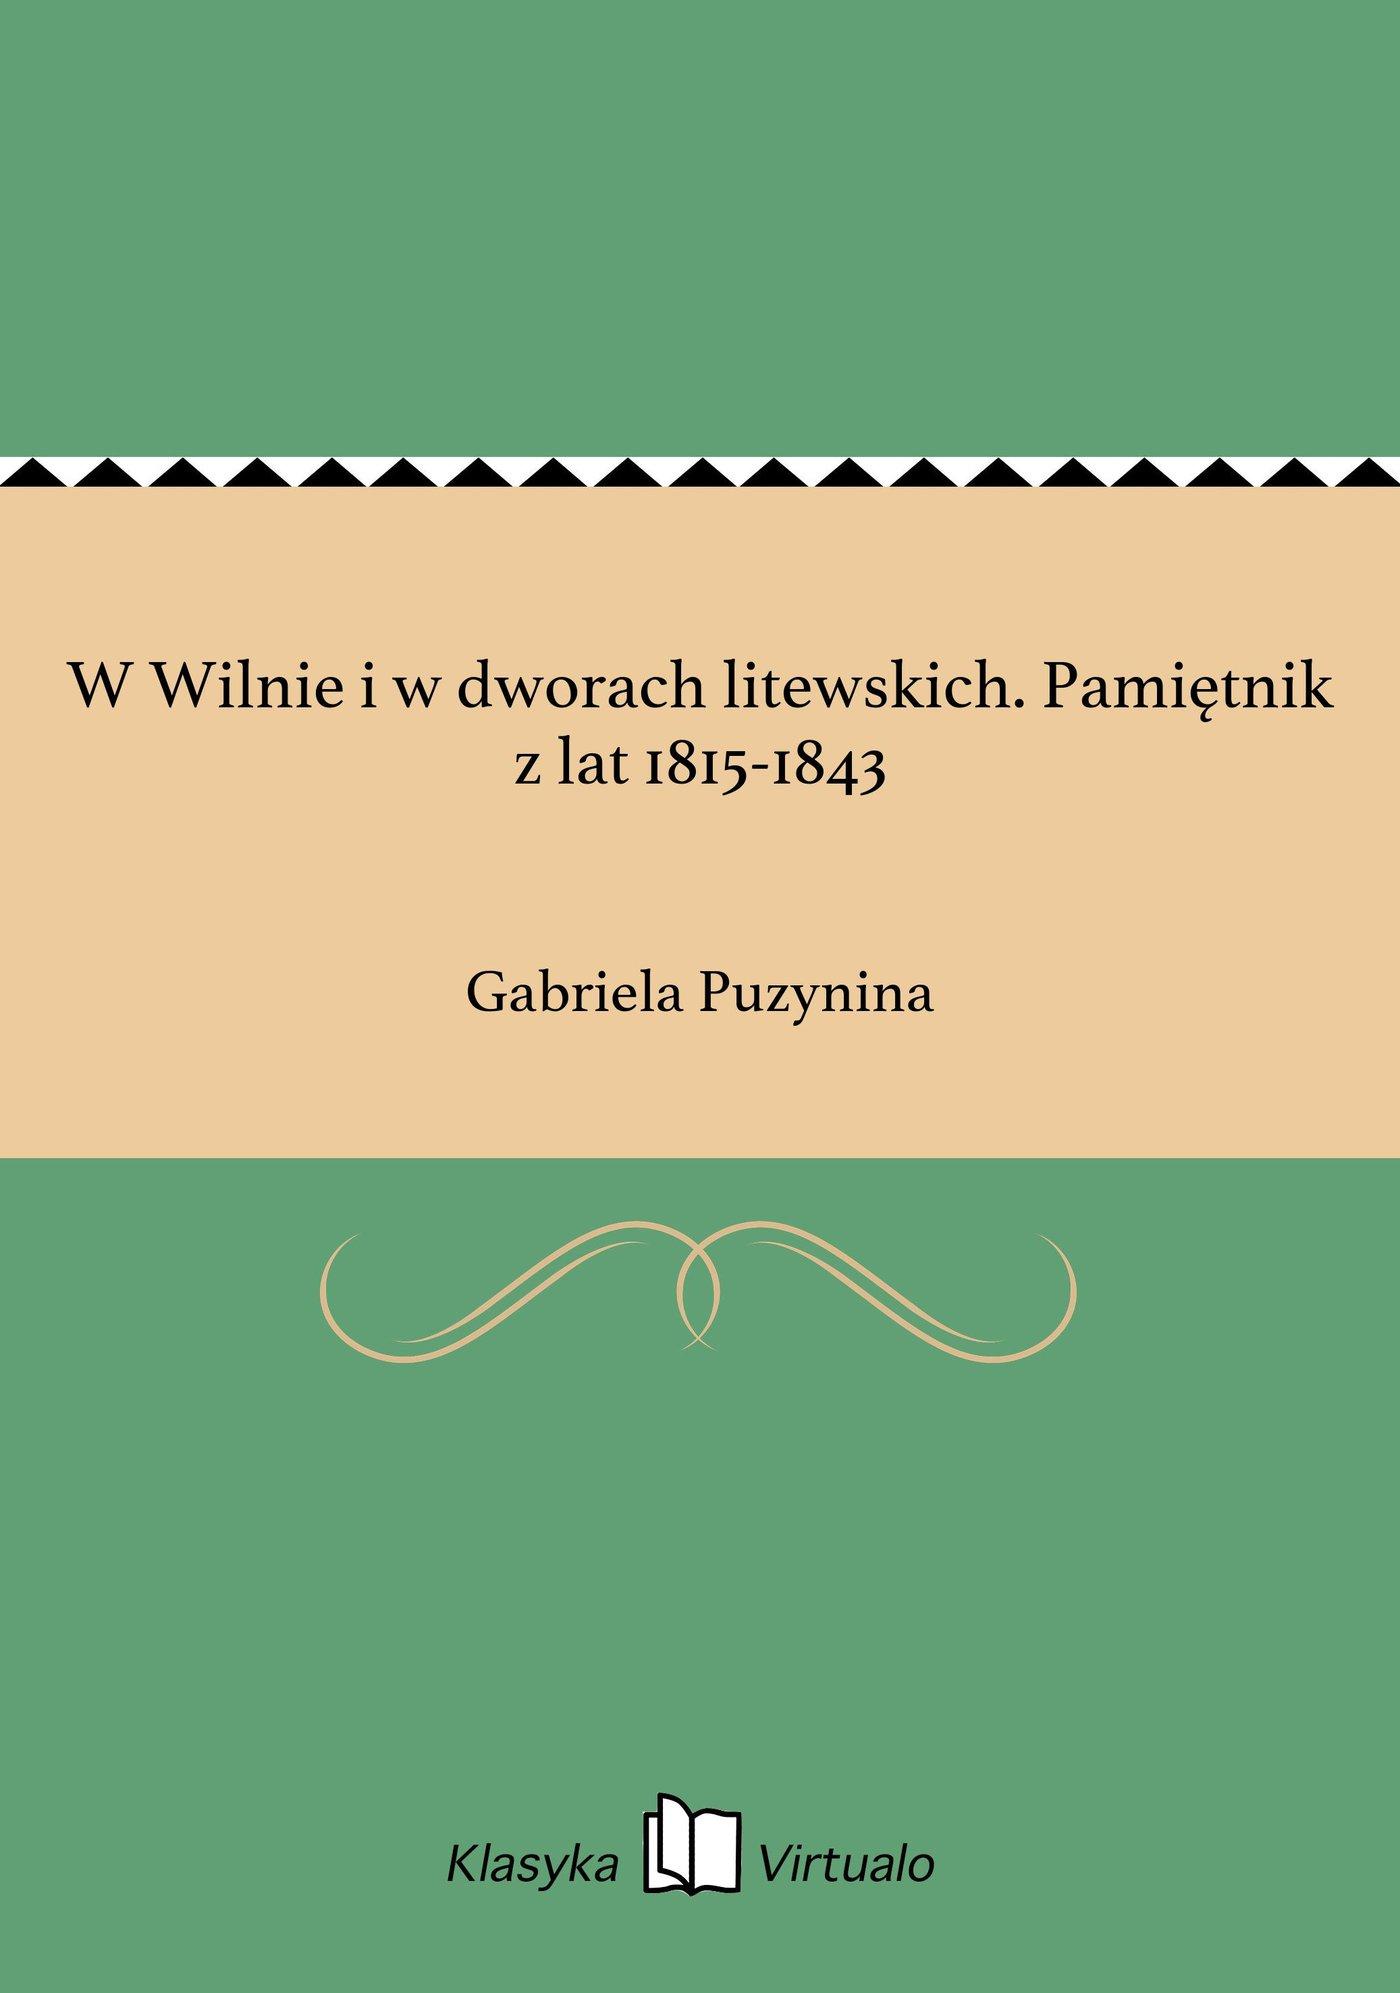 W Wilnie i w dworach litewskich. Pamiętnik z lat 1815-1843 - Ebook (Książka na Kindle) do pobrania w formacie MOBI